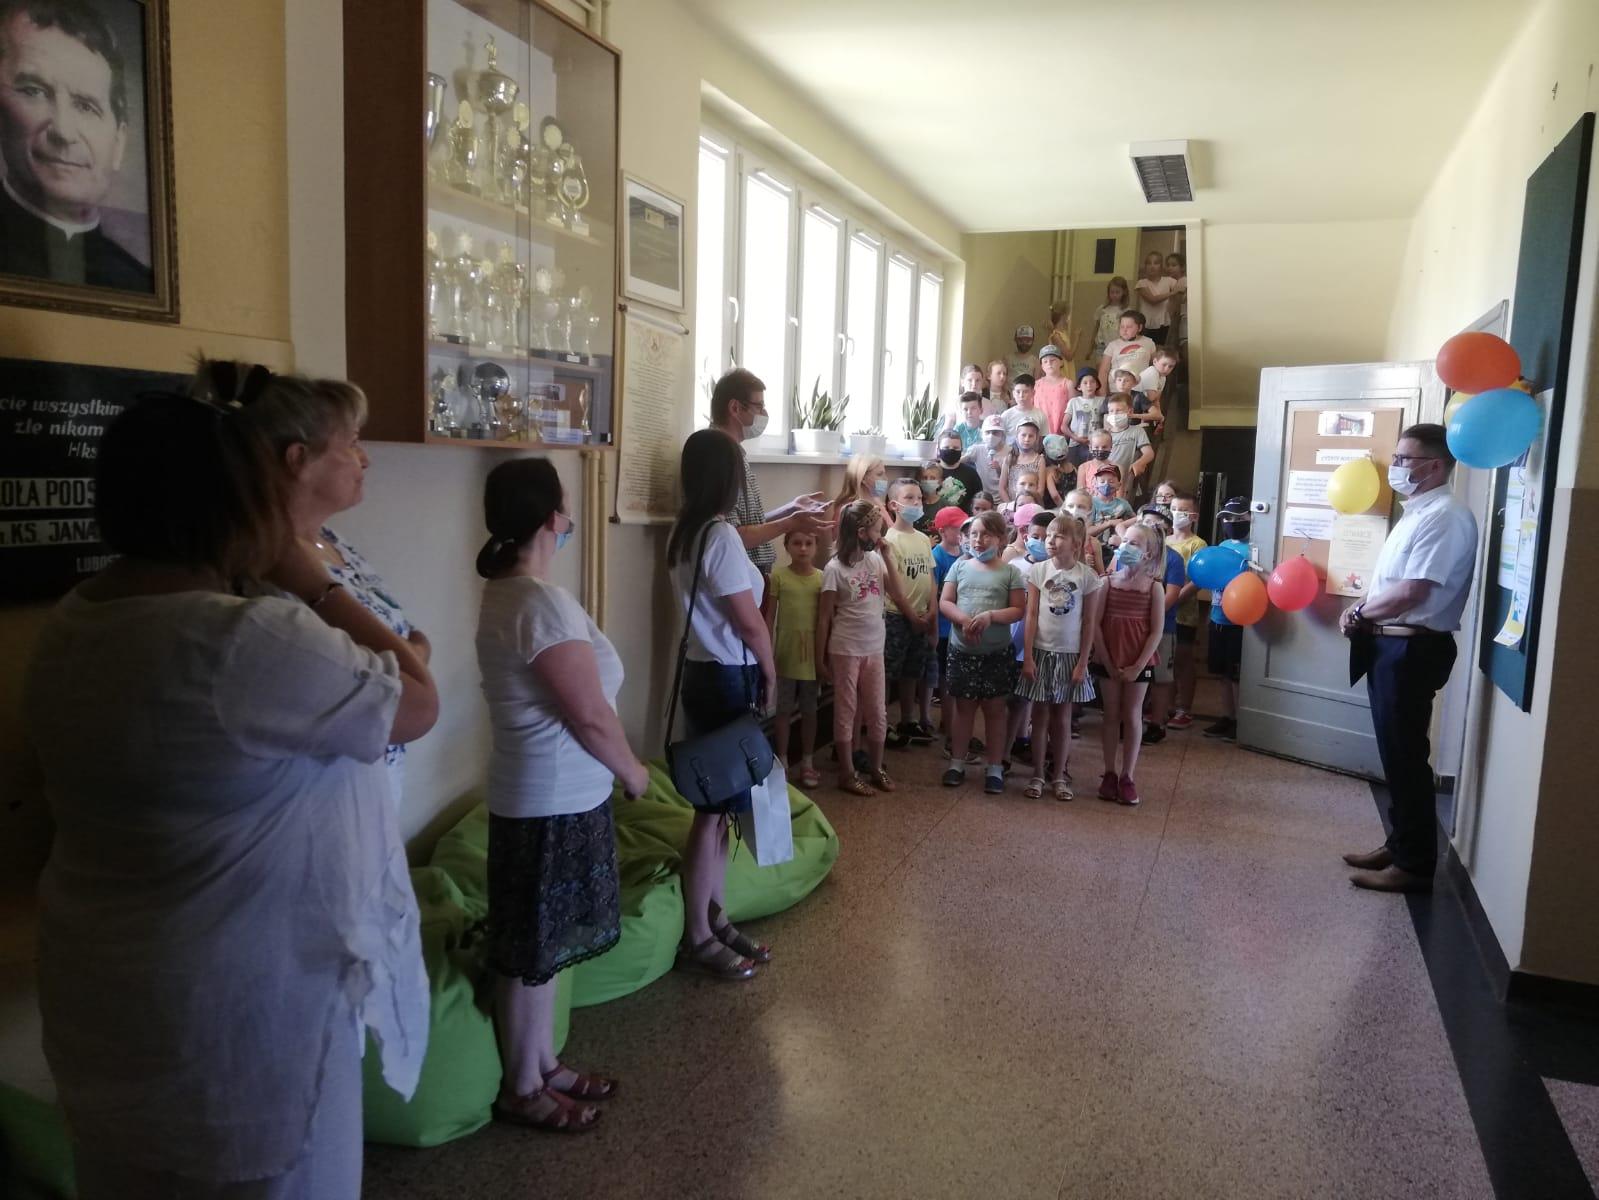 uroczyste otwarcie biblioteki, dzieci przed wejściem do biblioteki